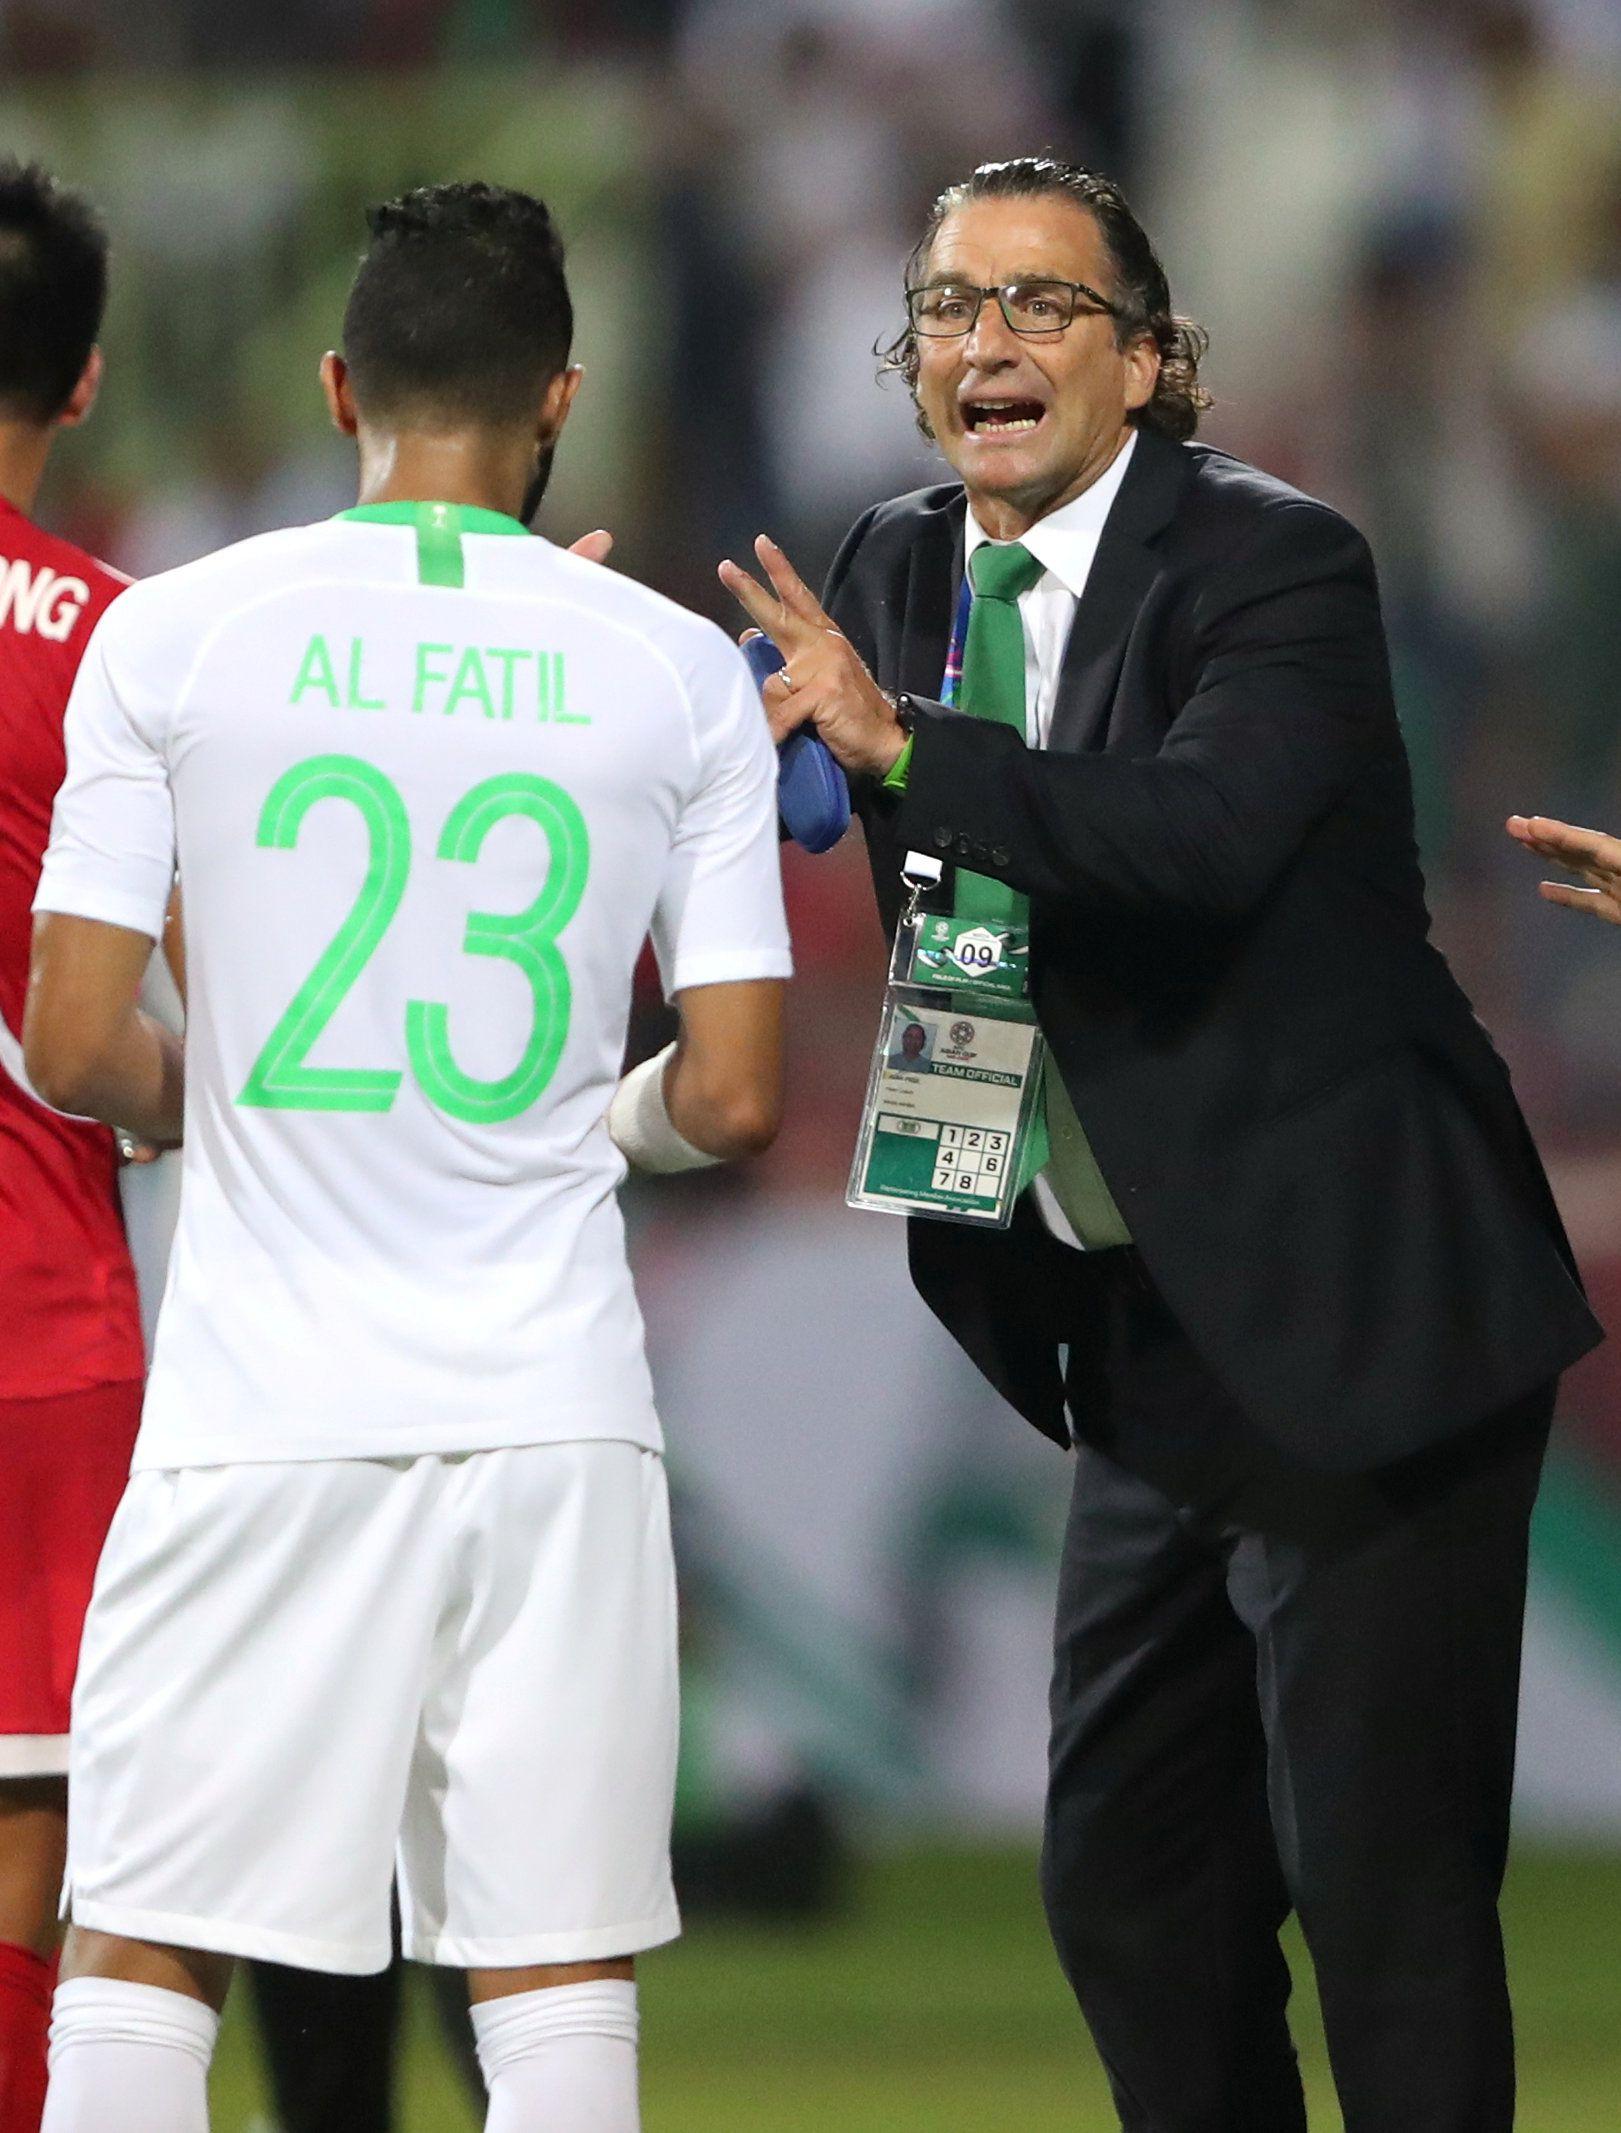 Durante el Mundial del 2018, Juan Antonio Pizzi dirigió a la selección de Arabia Saudita que cayó 5 a 0 frente a Rusia, 1 a 0 con Uruguay y derrotó 2 a 1 a Egipto. Foto: REUTERS/Suhaib Salem